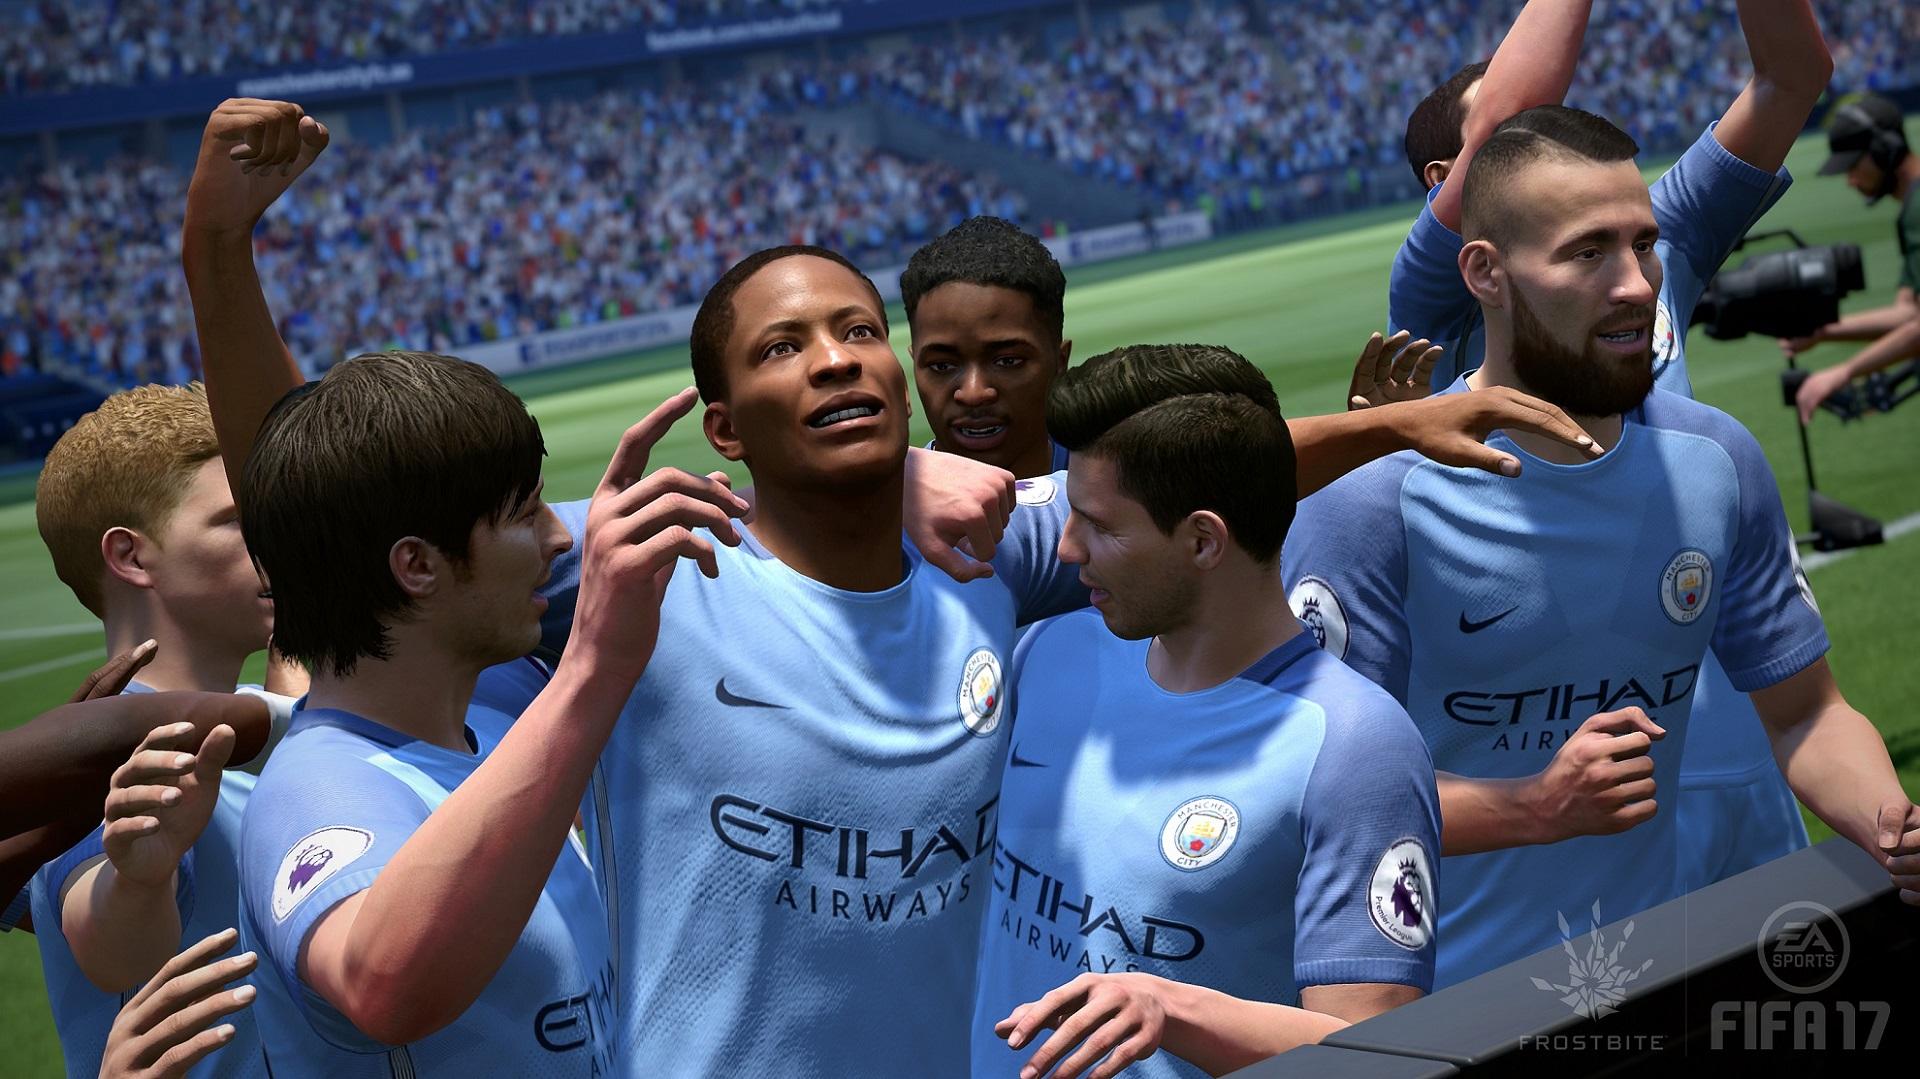 El FIFA 17 ya rompe récords de ventas